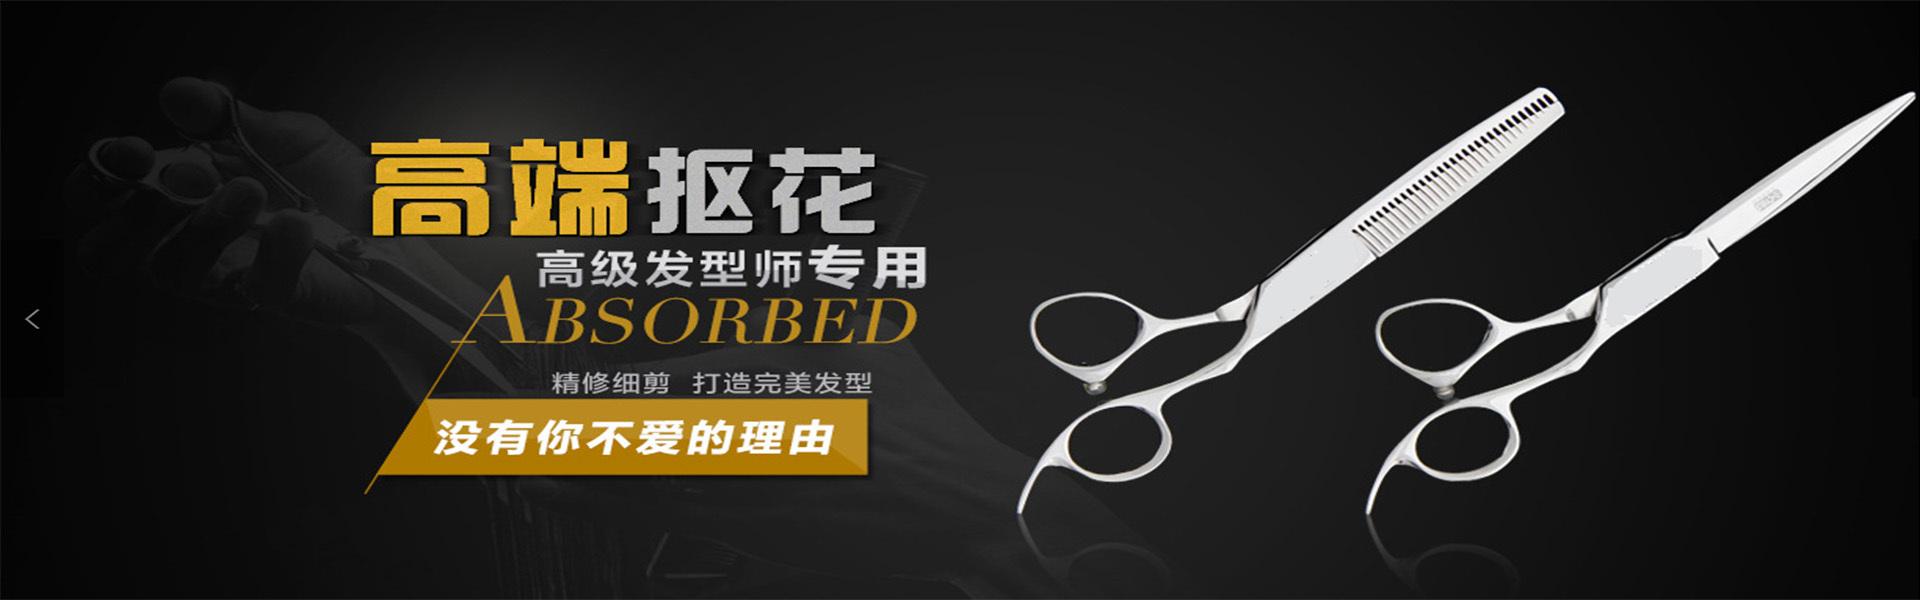 高级发型师专用发剪